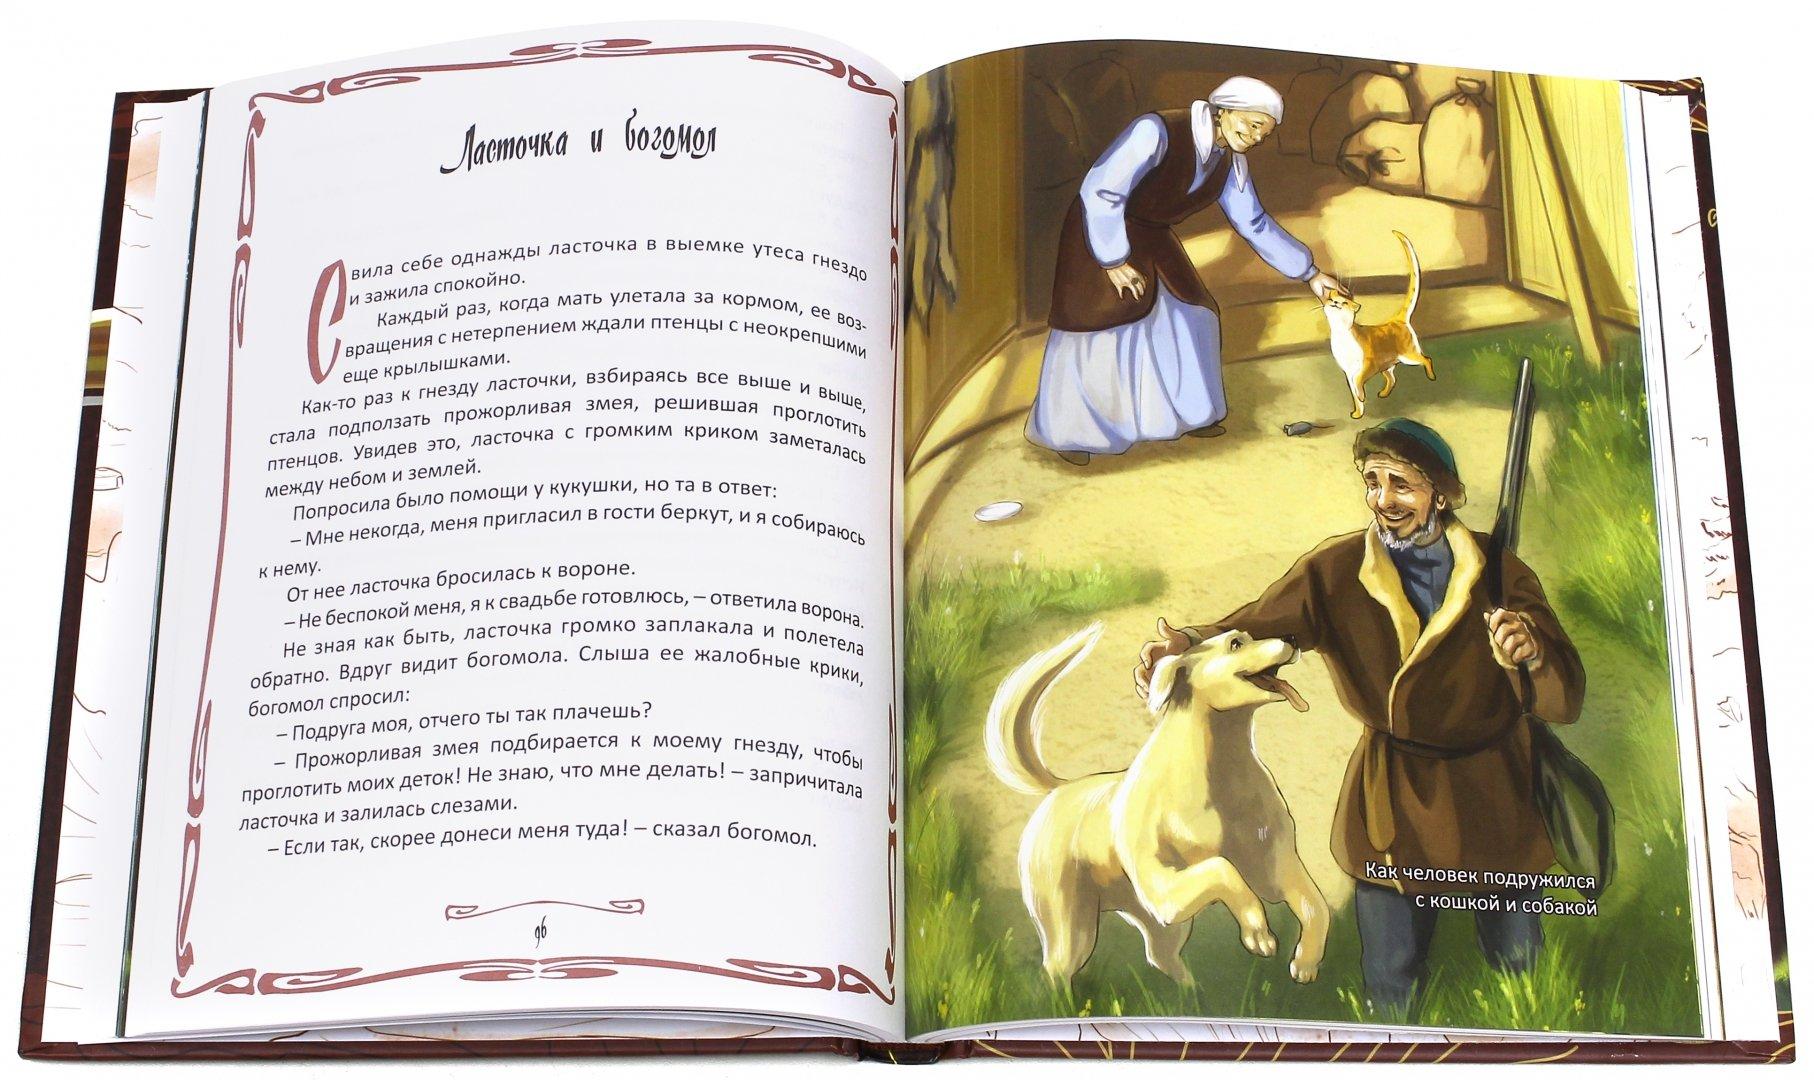 иллюстрации к казахской сказке добрый и злой джанабаева еще юные